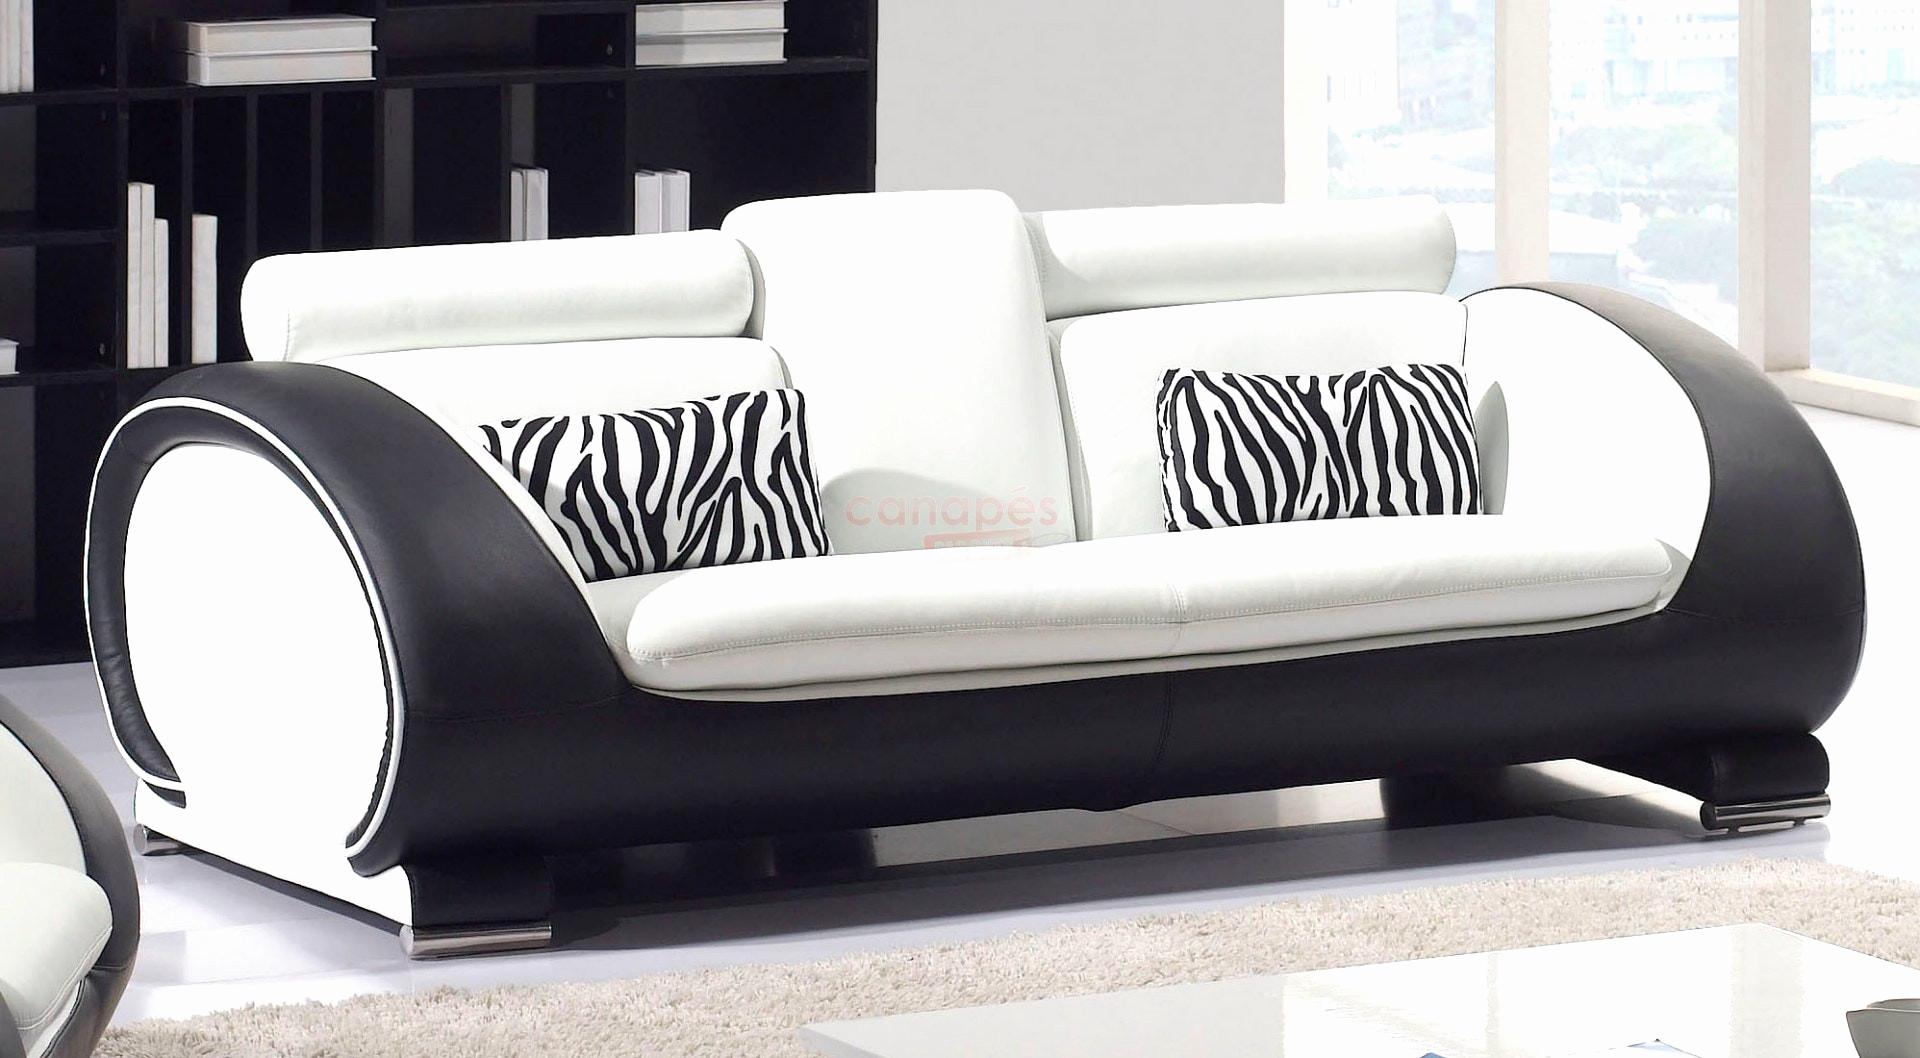 Taille Canapé 3 Places Meilleur De Stock 32 Génial Image De Canapé Futon Convertible Intérieur De